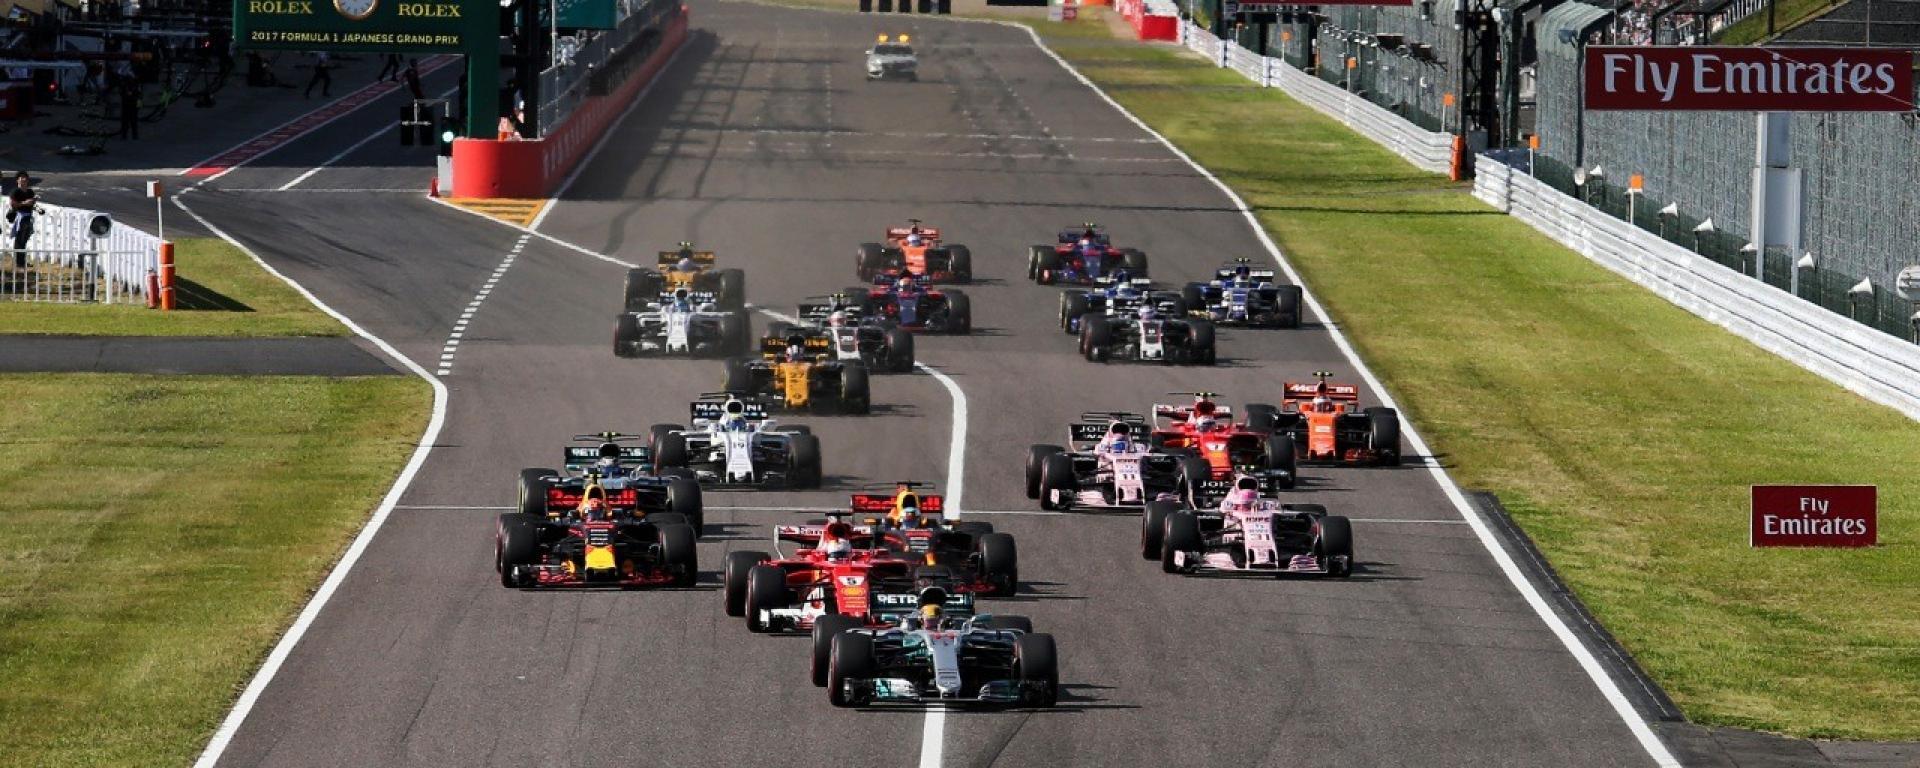 Orari Gran Premio Del Giappone